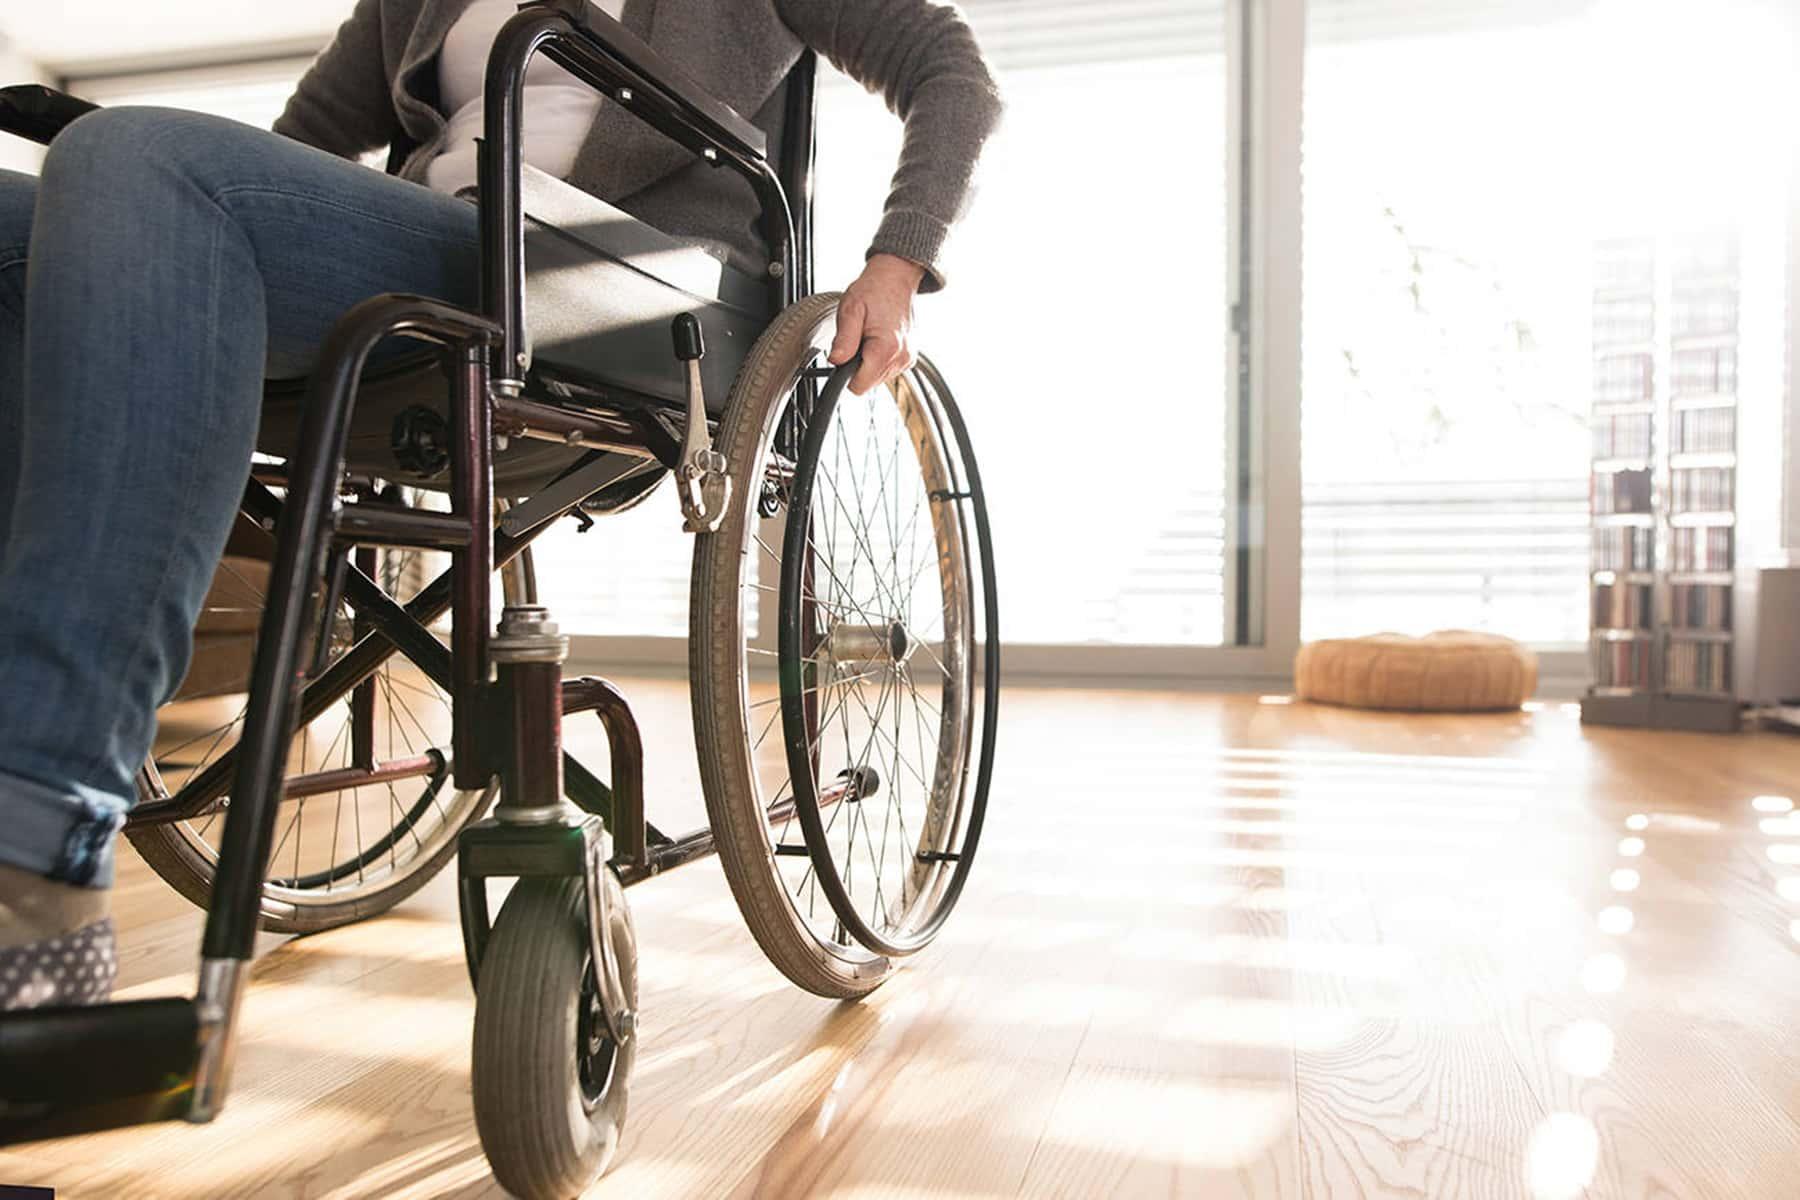 020820_disabilitylegislation_01